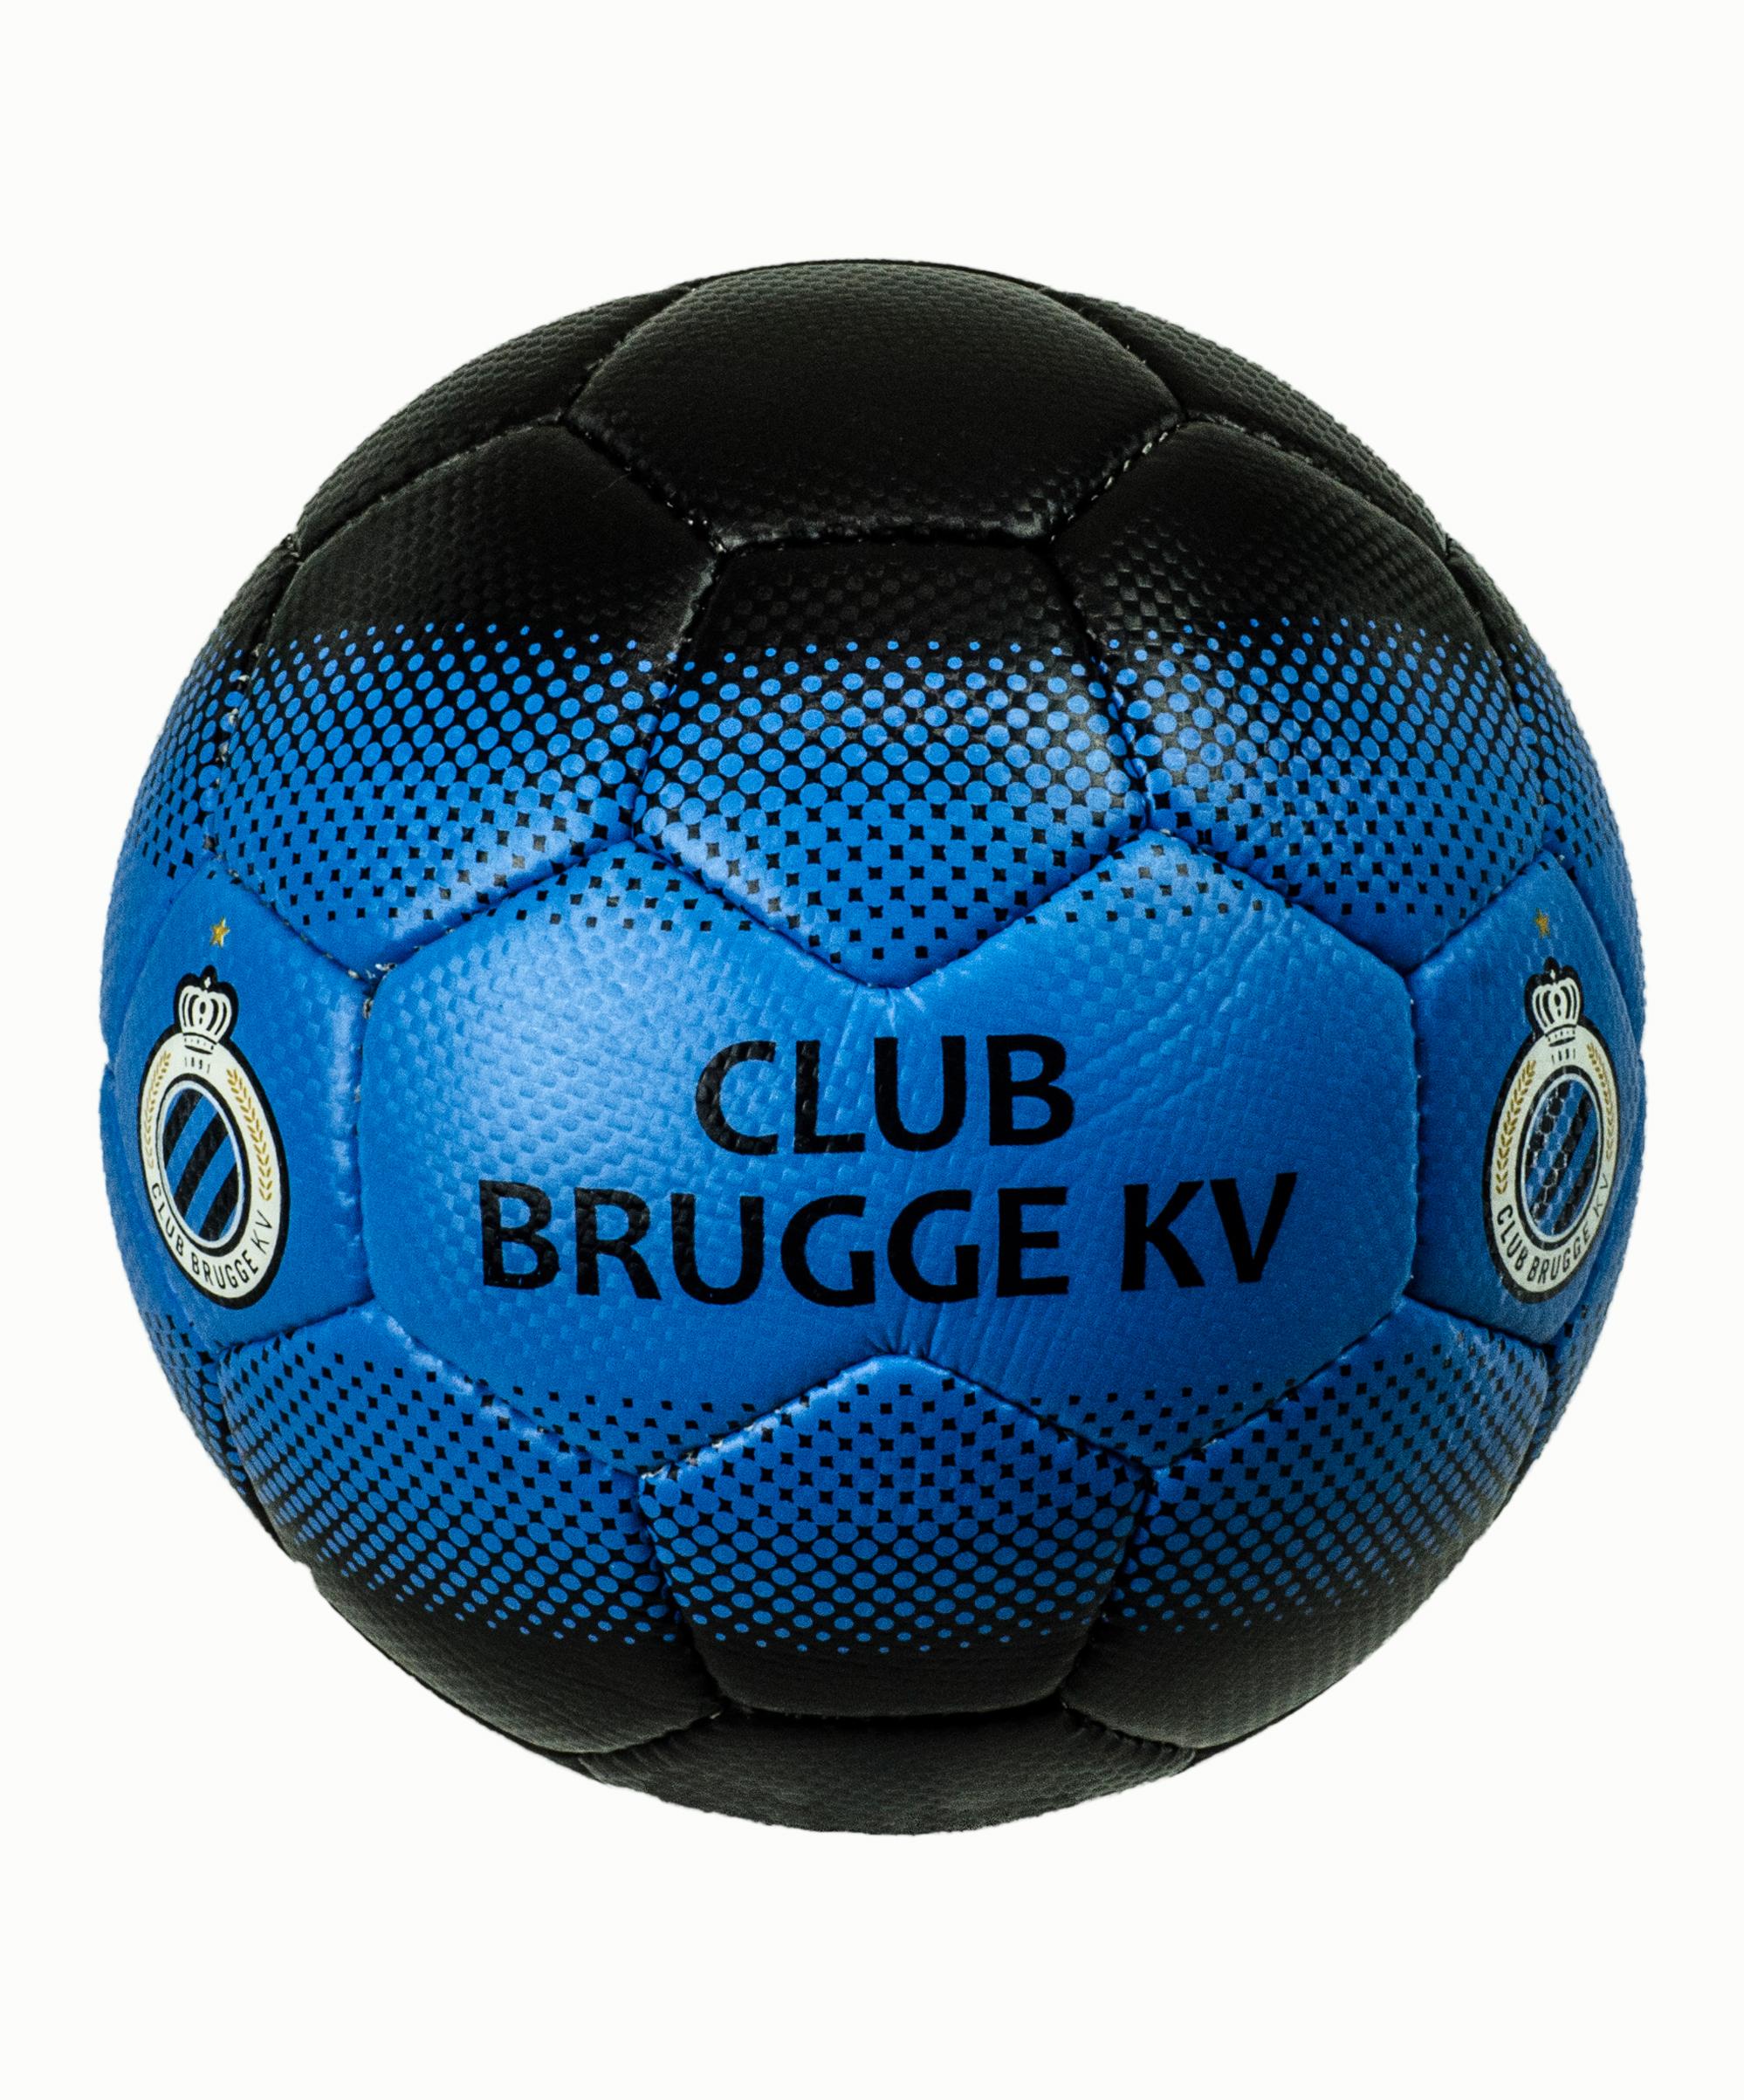 bal gemaakt voor Club Brugge door 1891shop